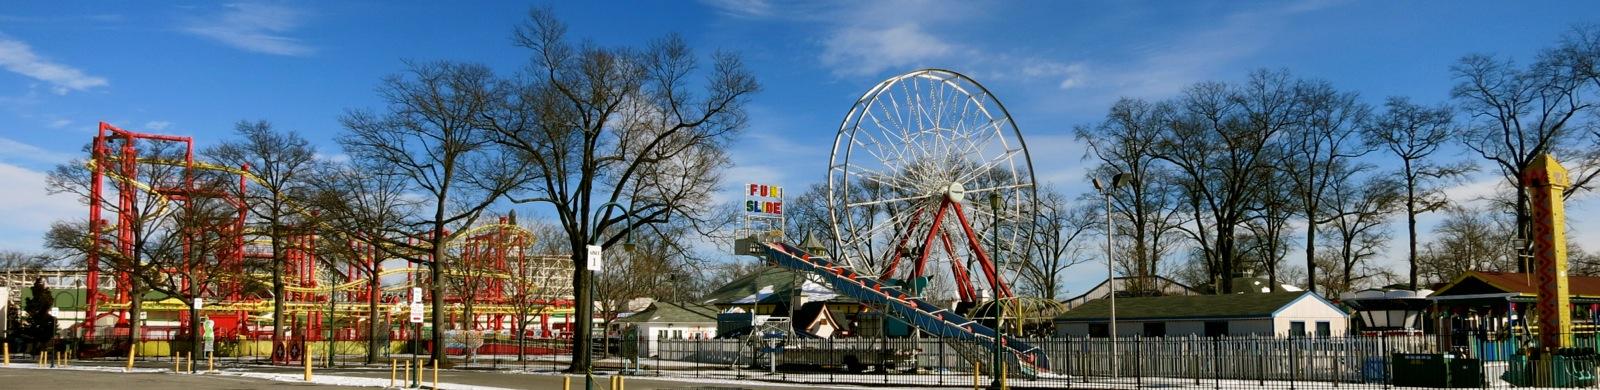 Long Island Sound Amusement Park